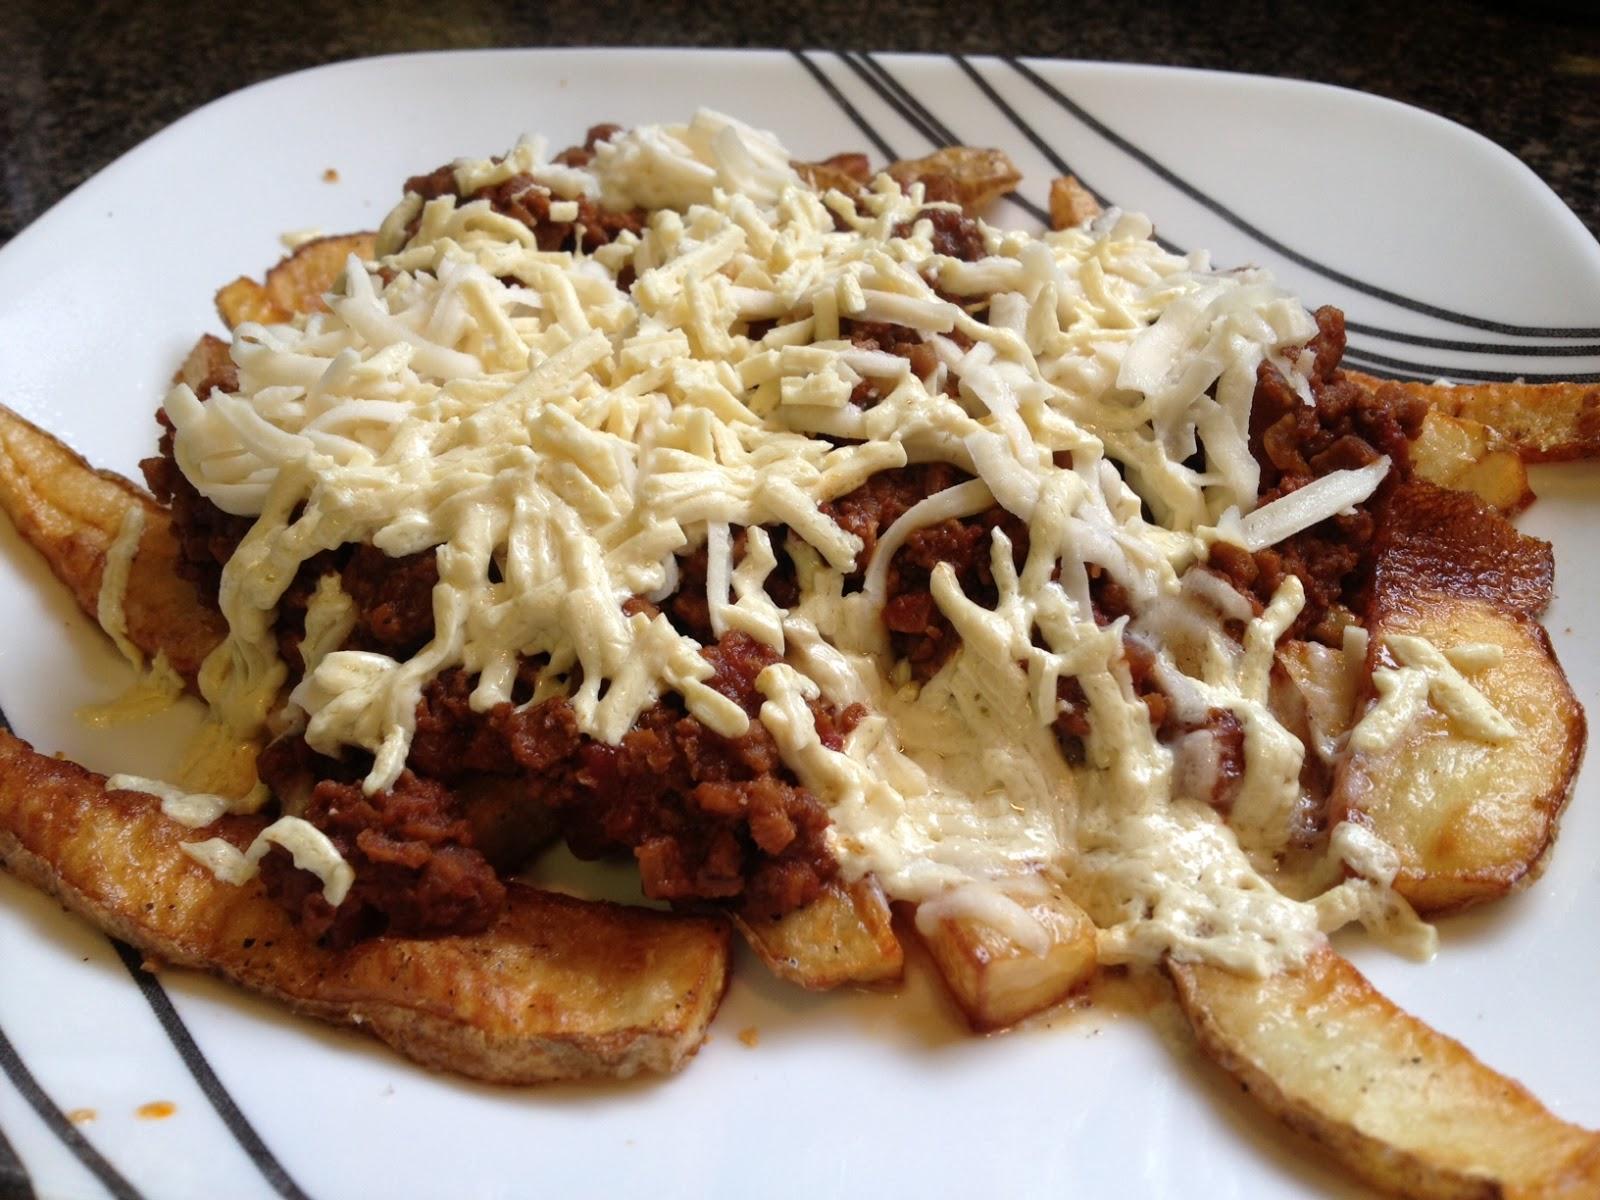 chili cheese fries chili cheese fries img 3888 four bean chili